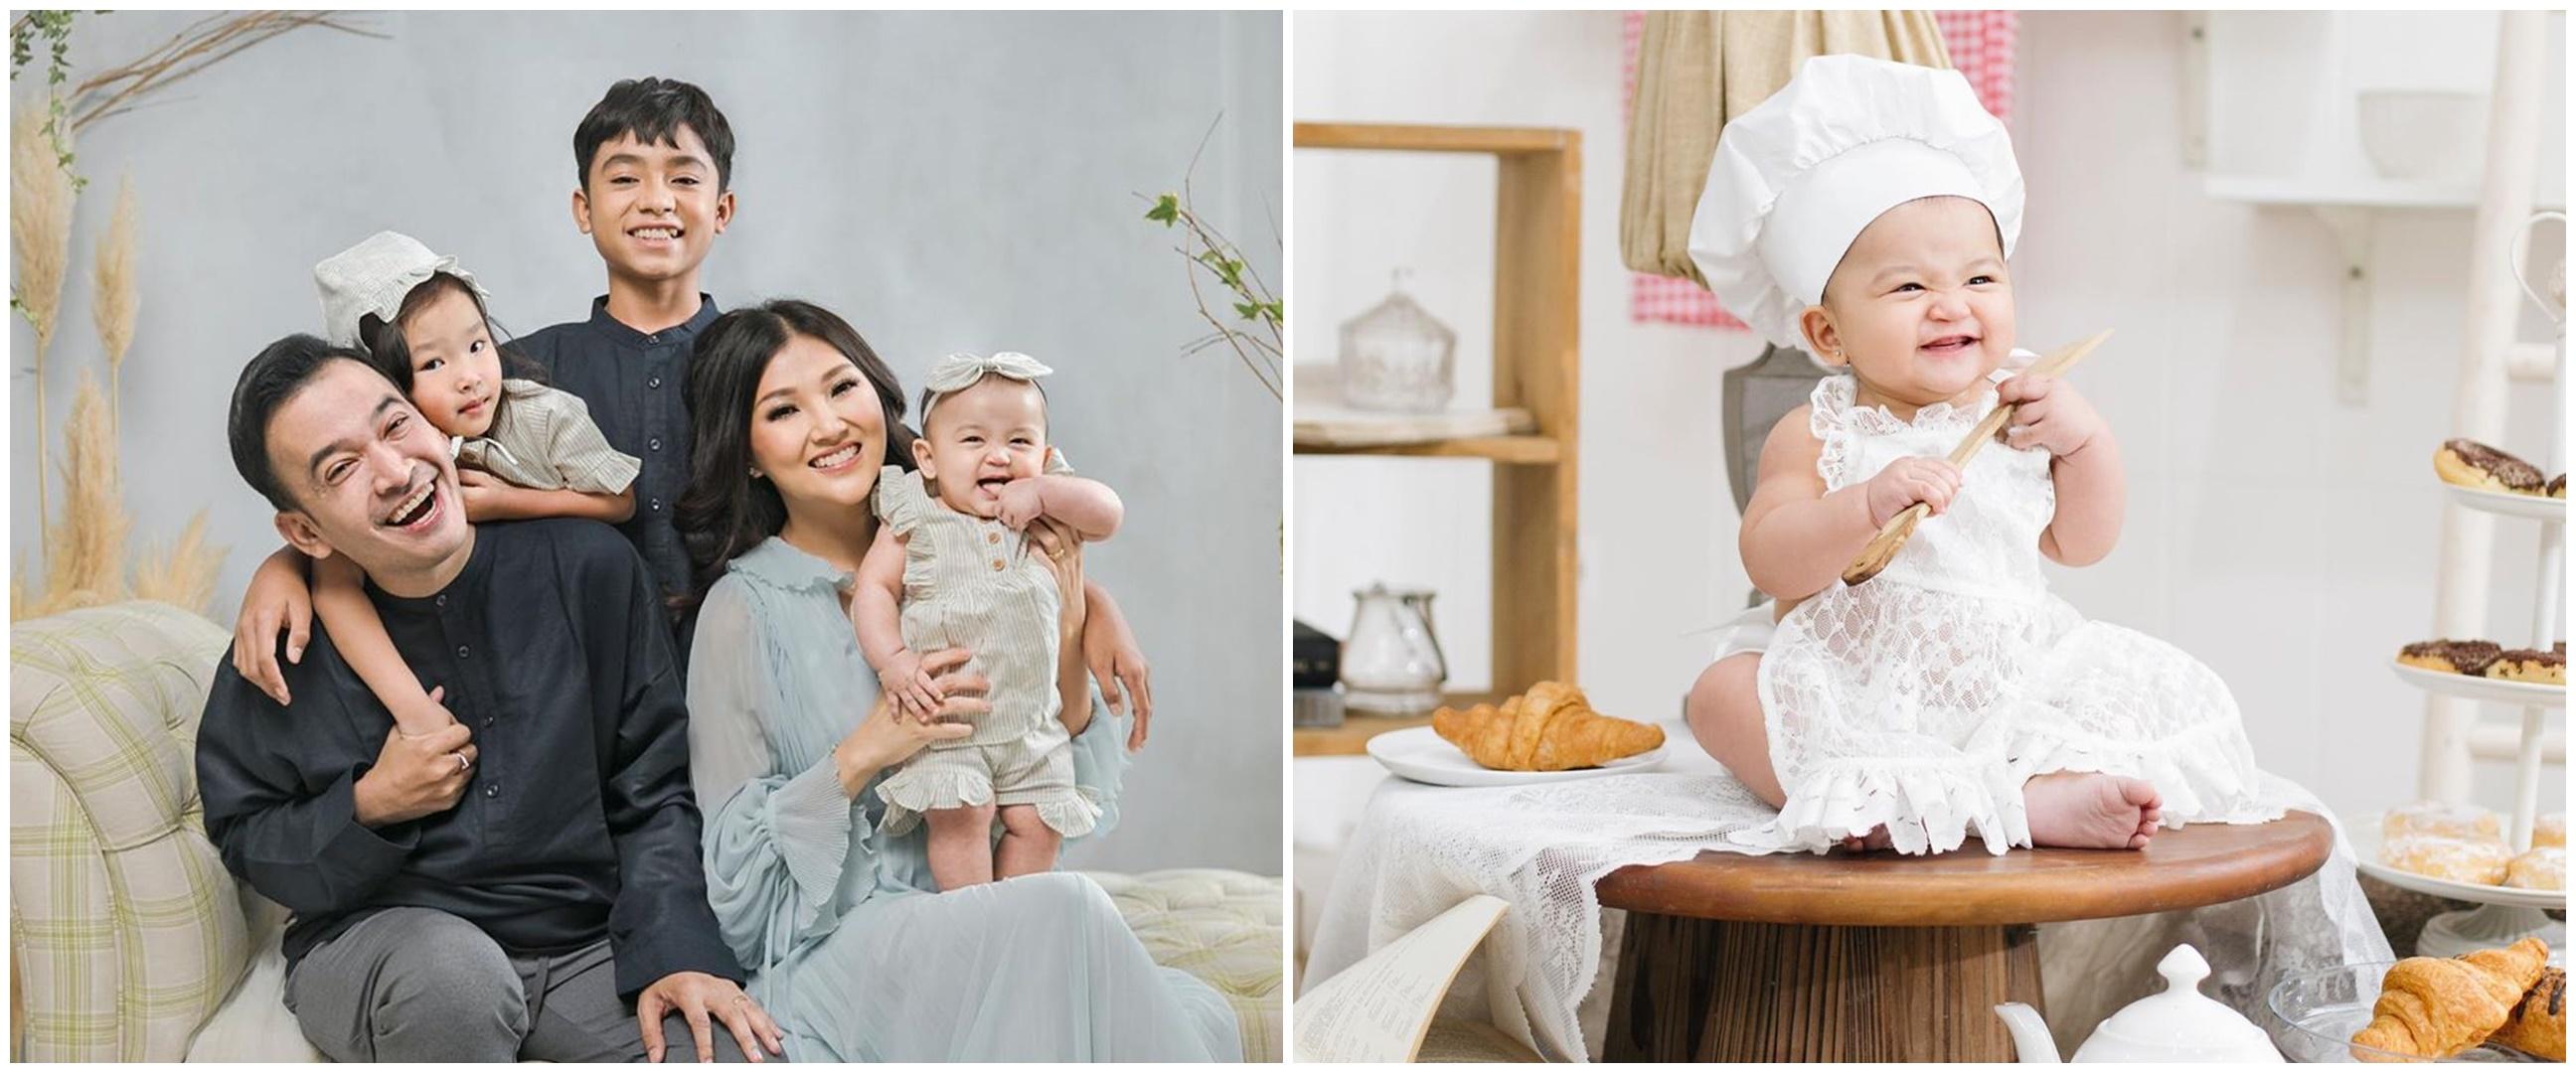 12 Pose gemas Thania Putri Onsu ini bukti fotogenik sejak bayi